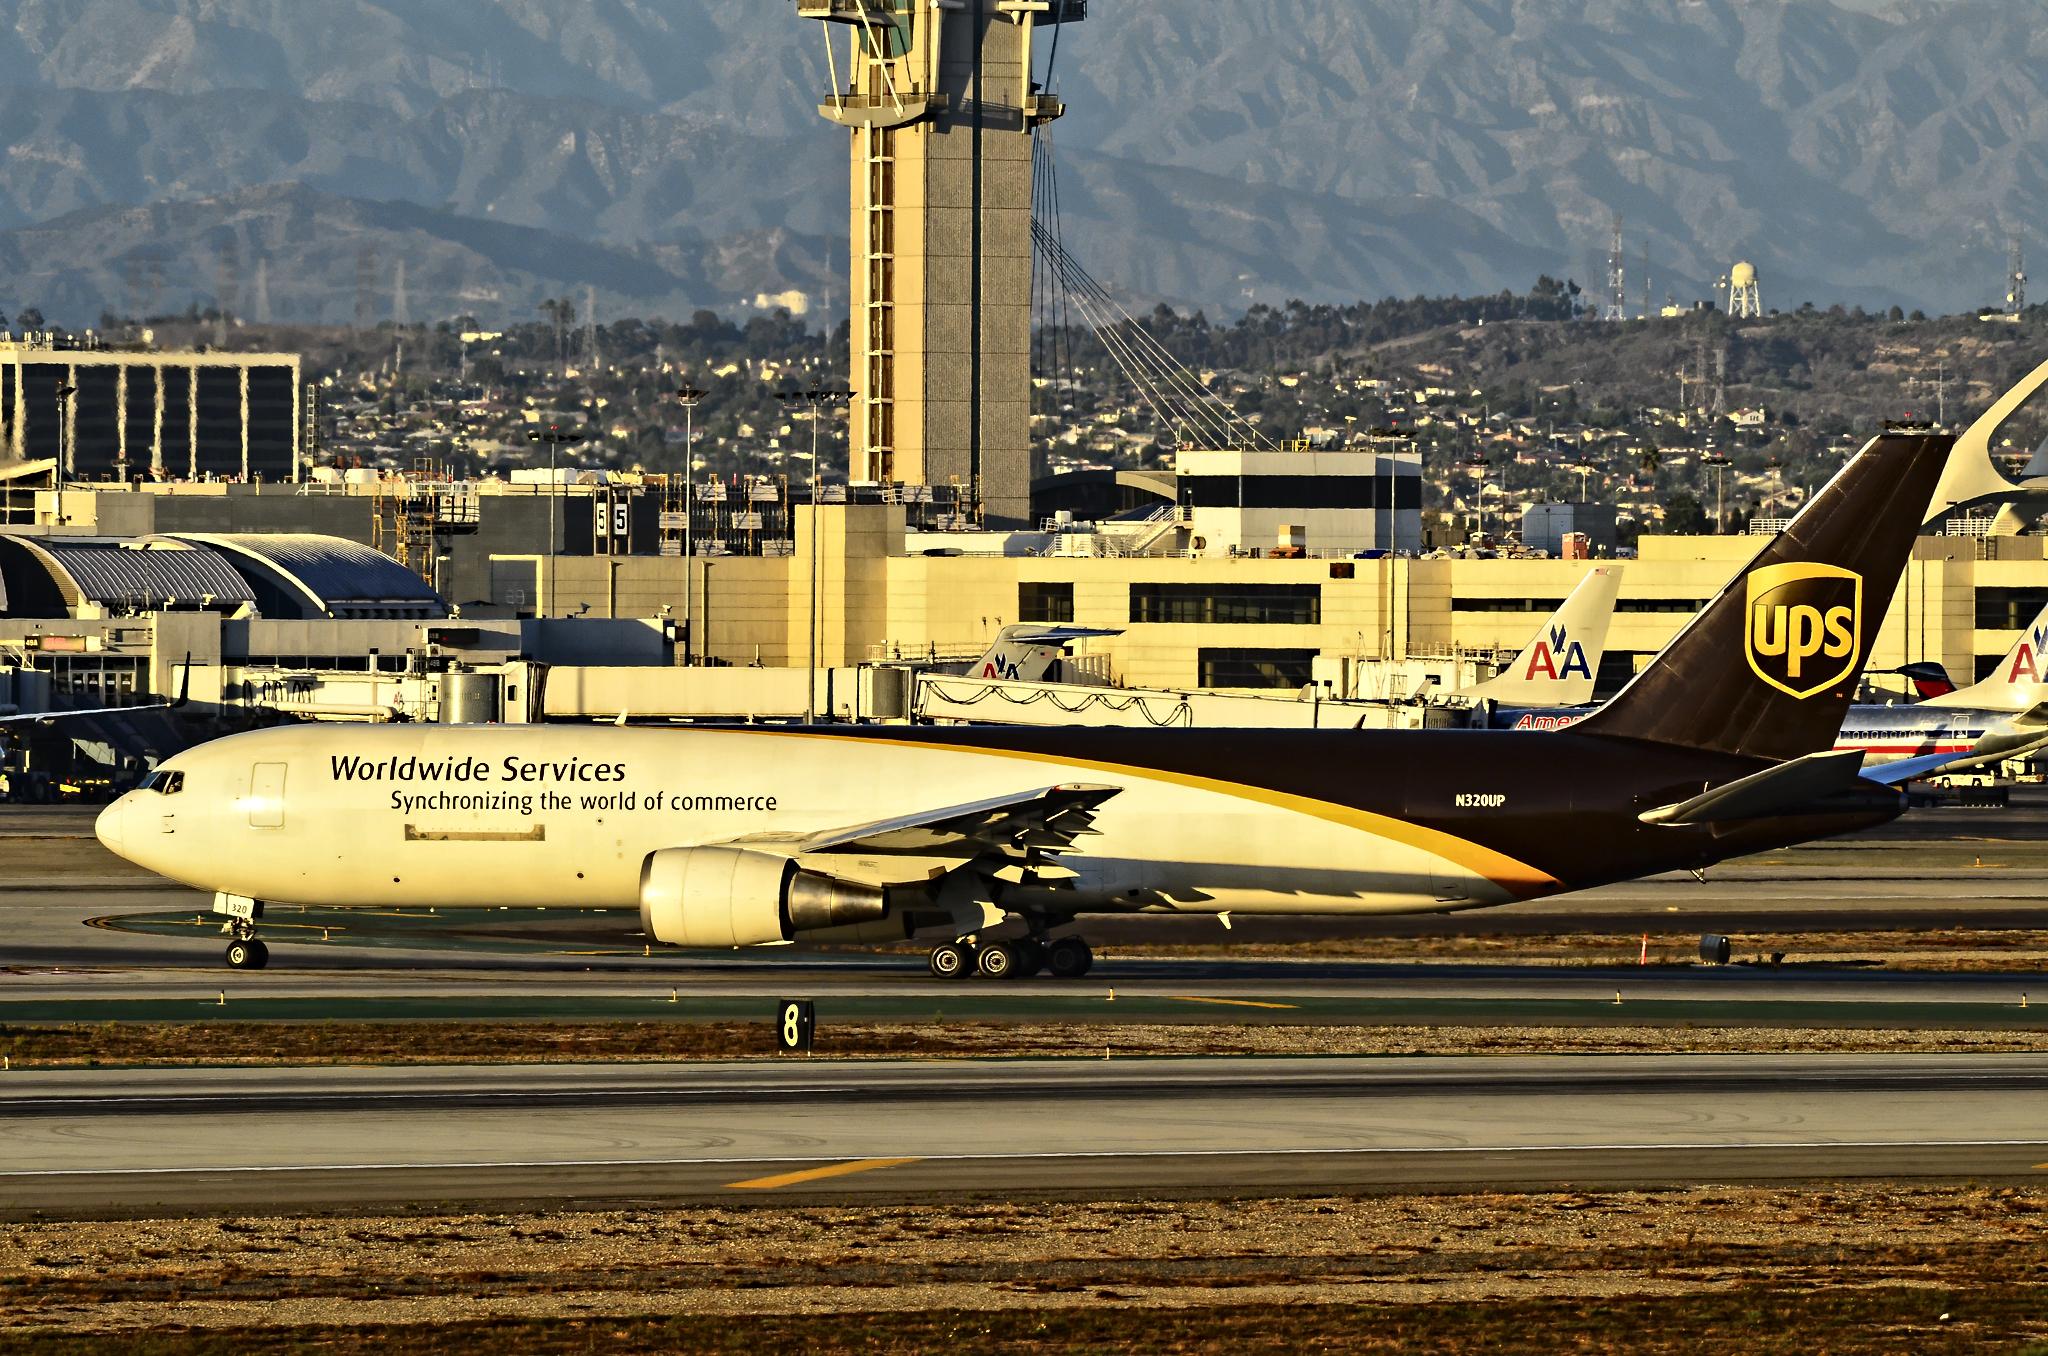 File:N320UP United Parcel Service - UPS Boeing 767-34AF-ER (cn